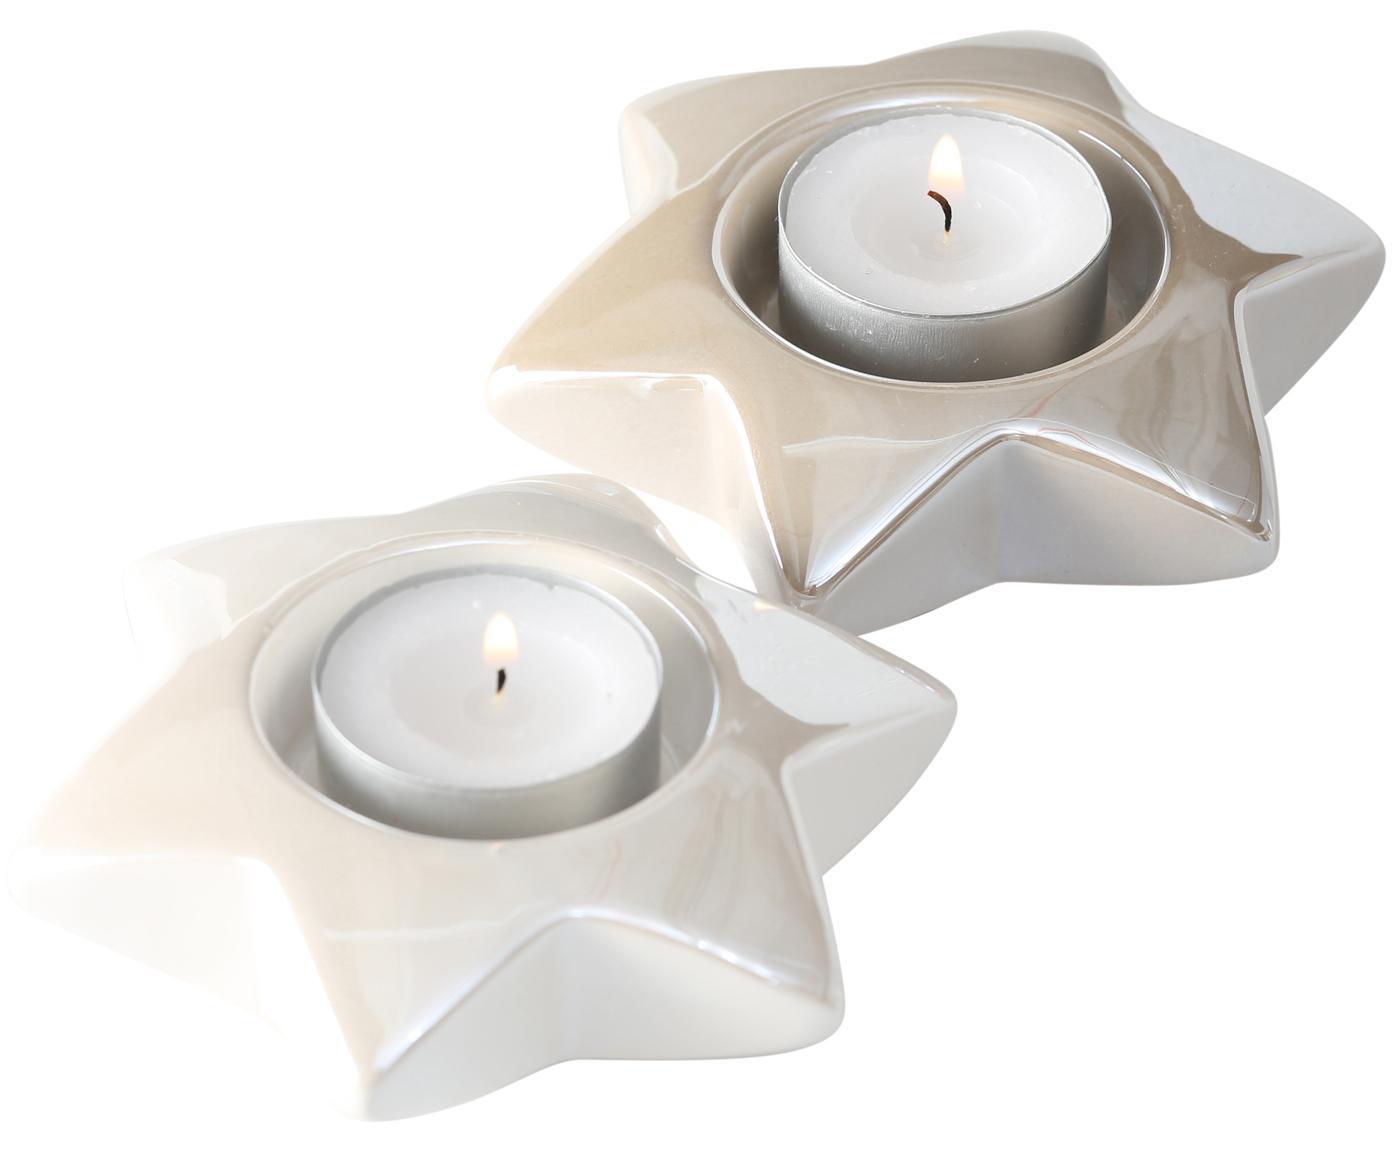 Set de portavelas Star, 2pzas., Gres, Crema, beige, Ø 11 x Al 3 cm